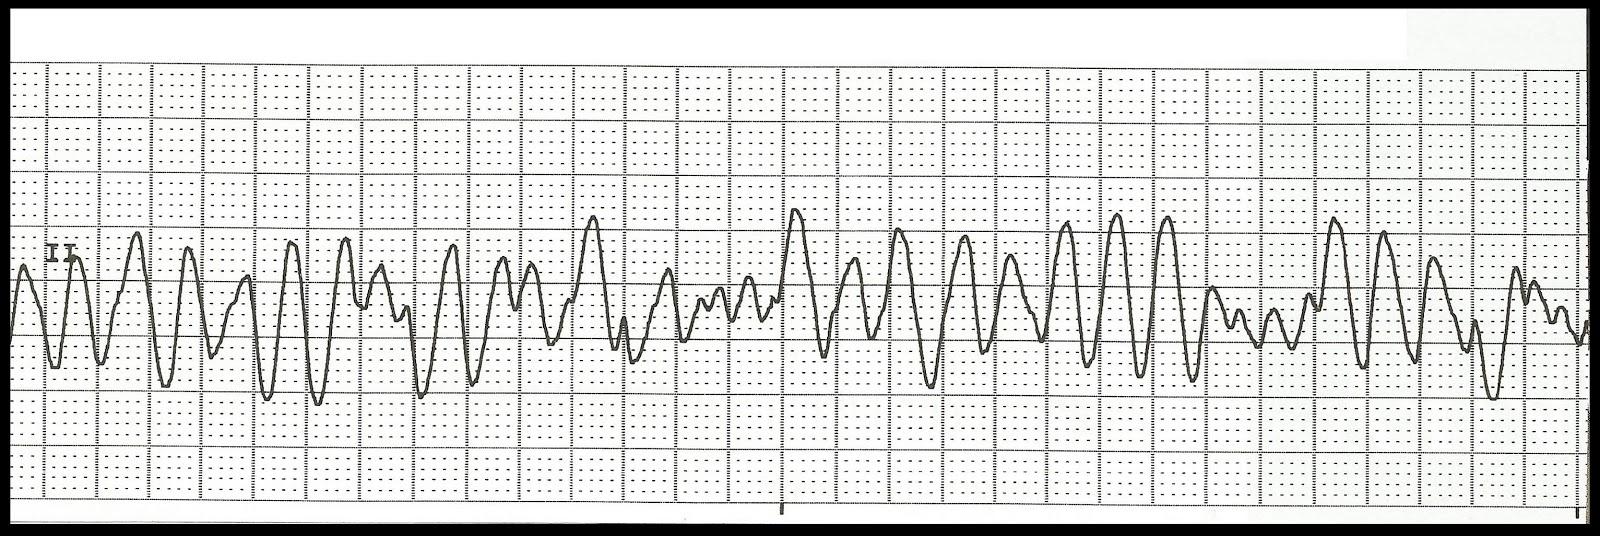 Float nurse ekg rhythm strip quiz 142